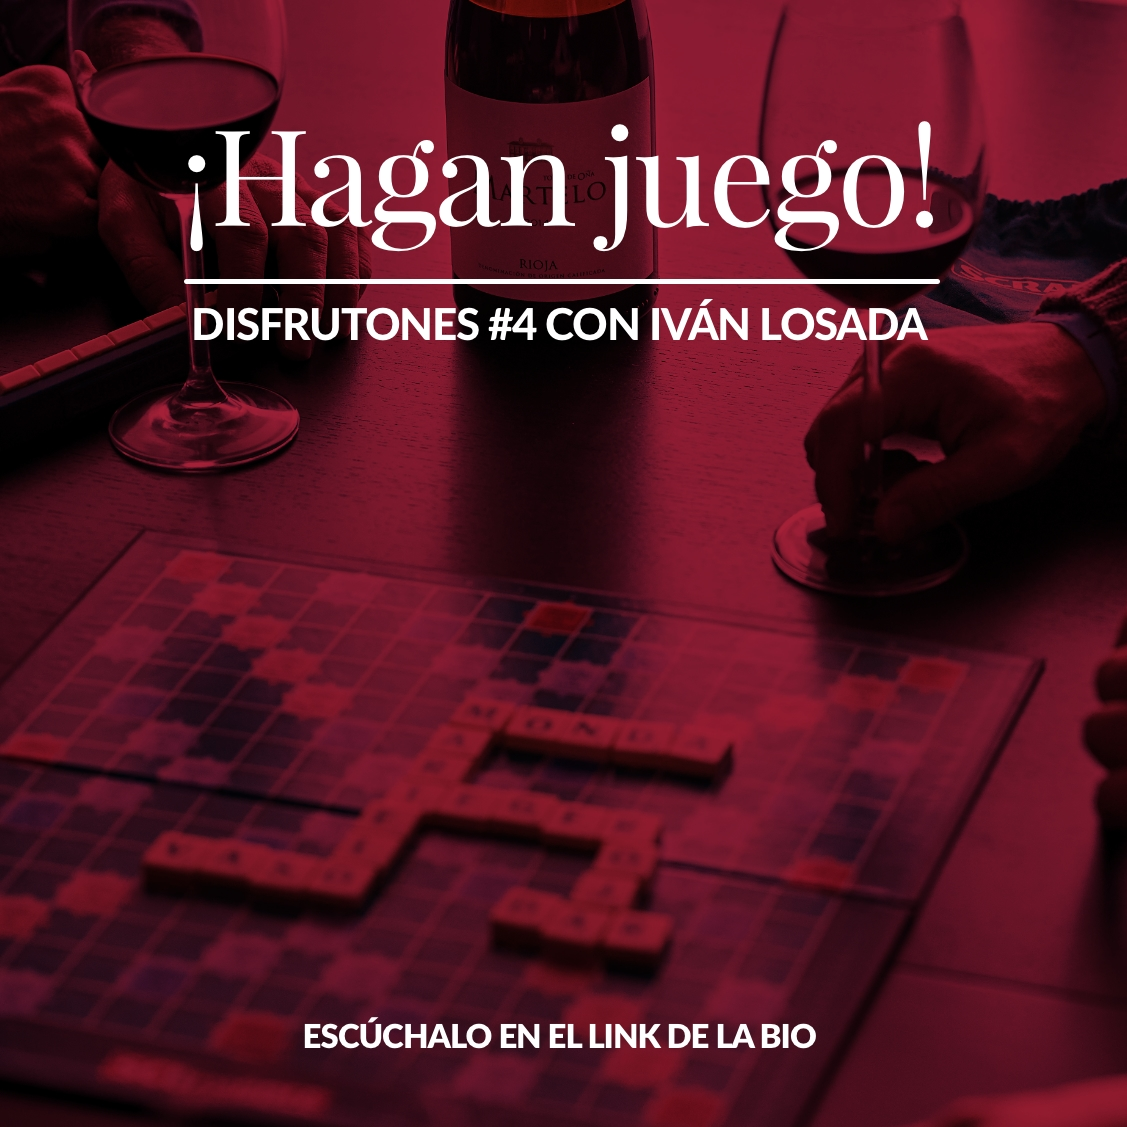 """""""¡Hagan juego!"""" con Ivan Losada"""